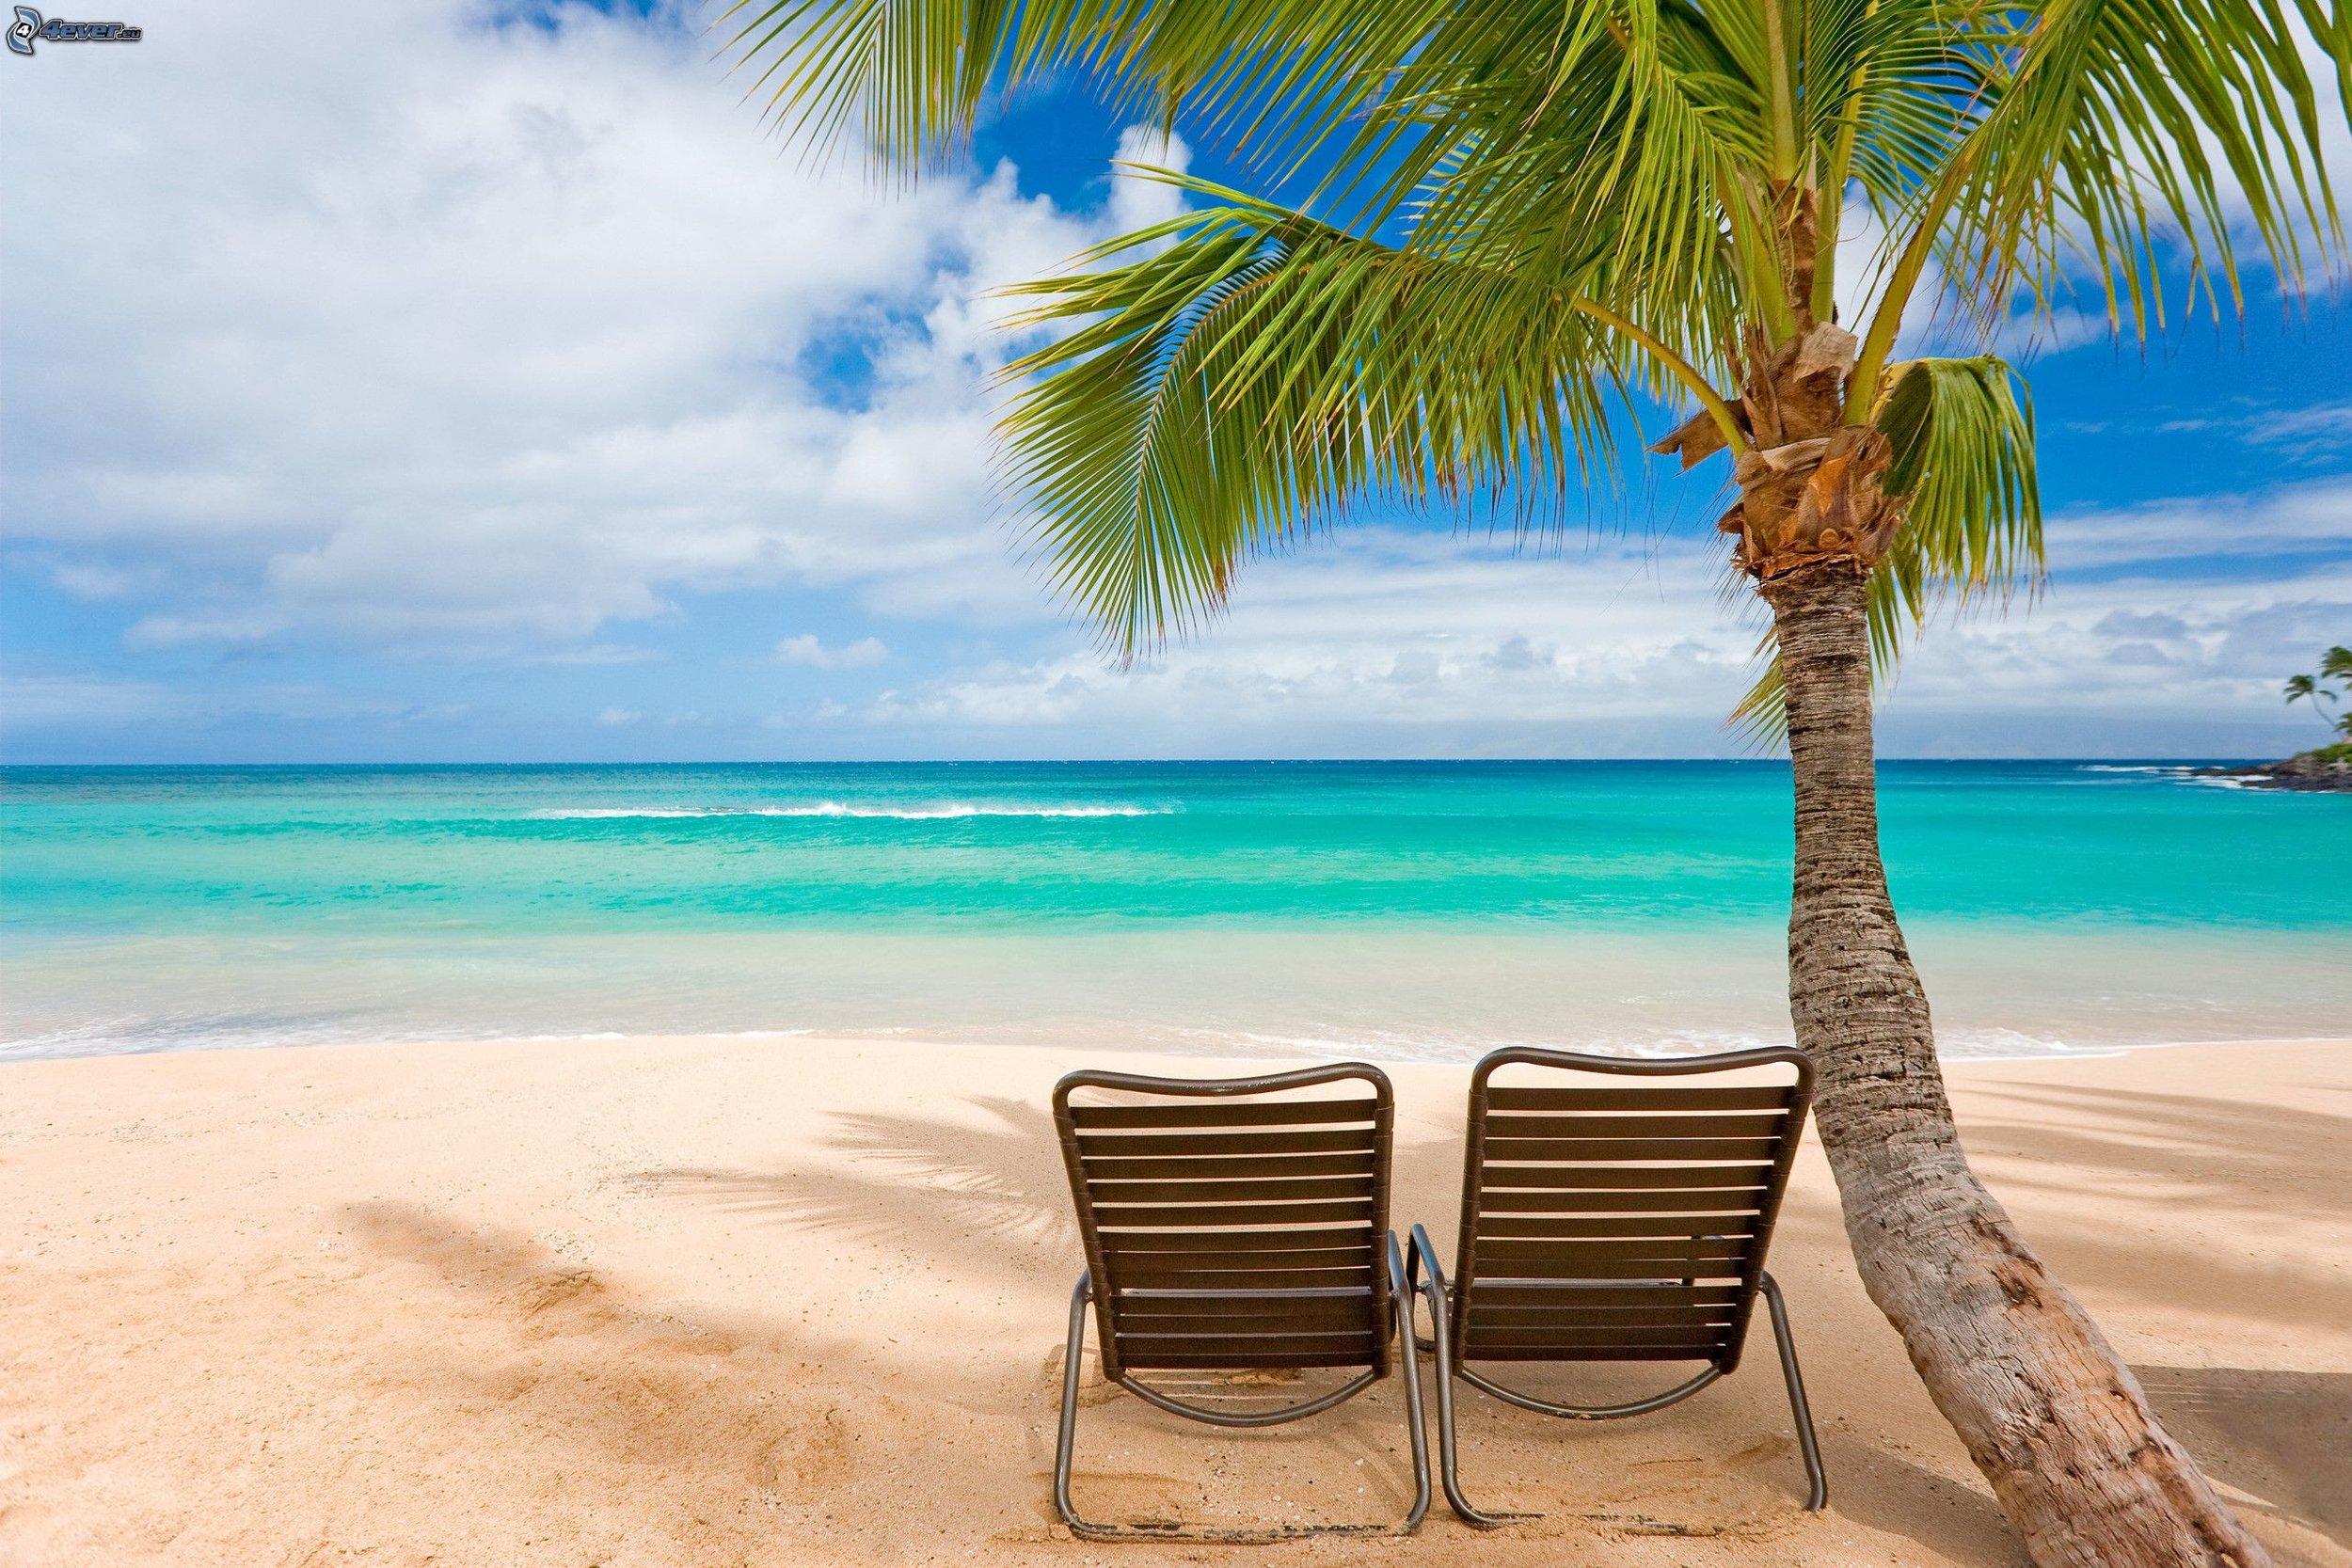 Jamaica - Caribbean Getaway!